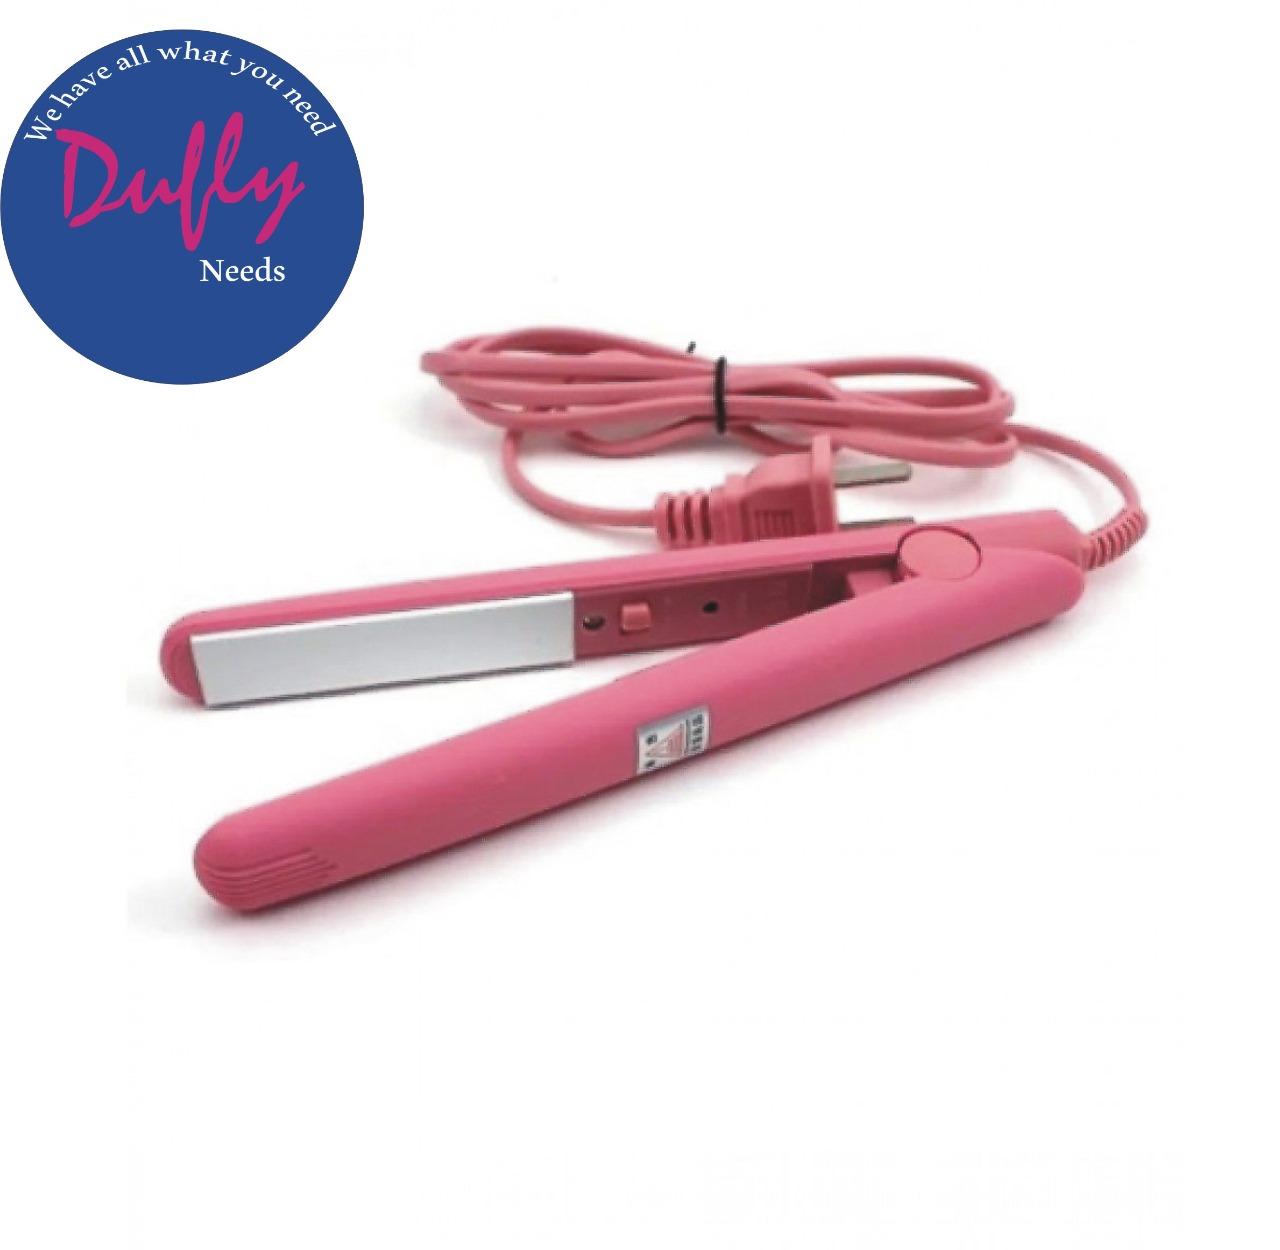 Original Hair Straightner And Straightener - Girls Favourite -  Portable Mini Hair Straightener - Girls Choice